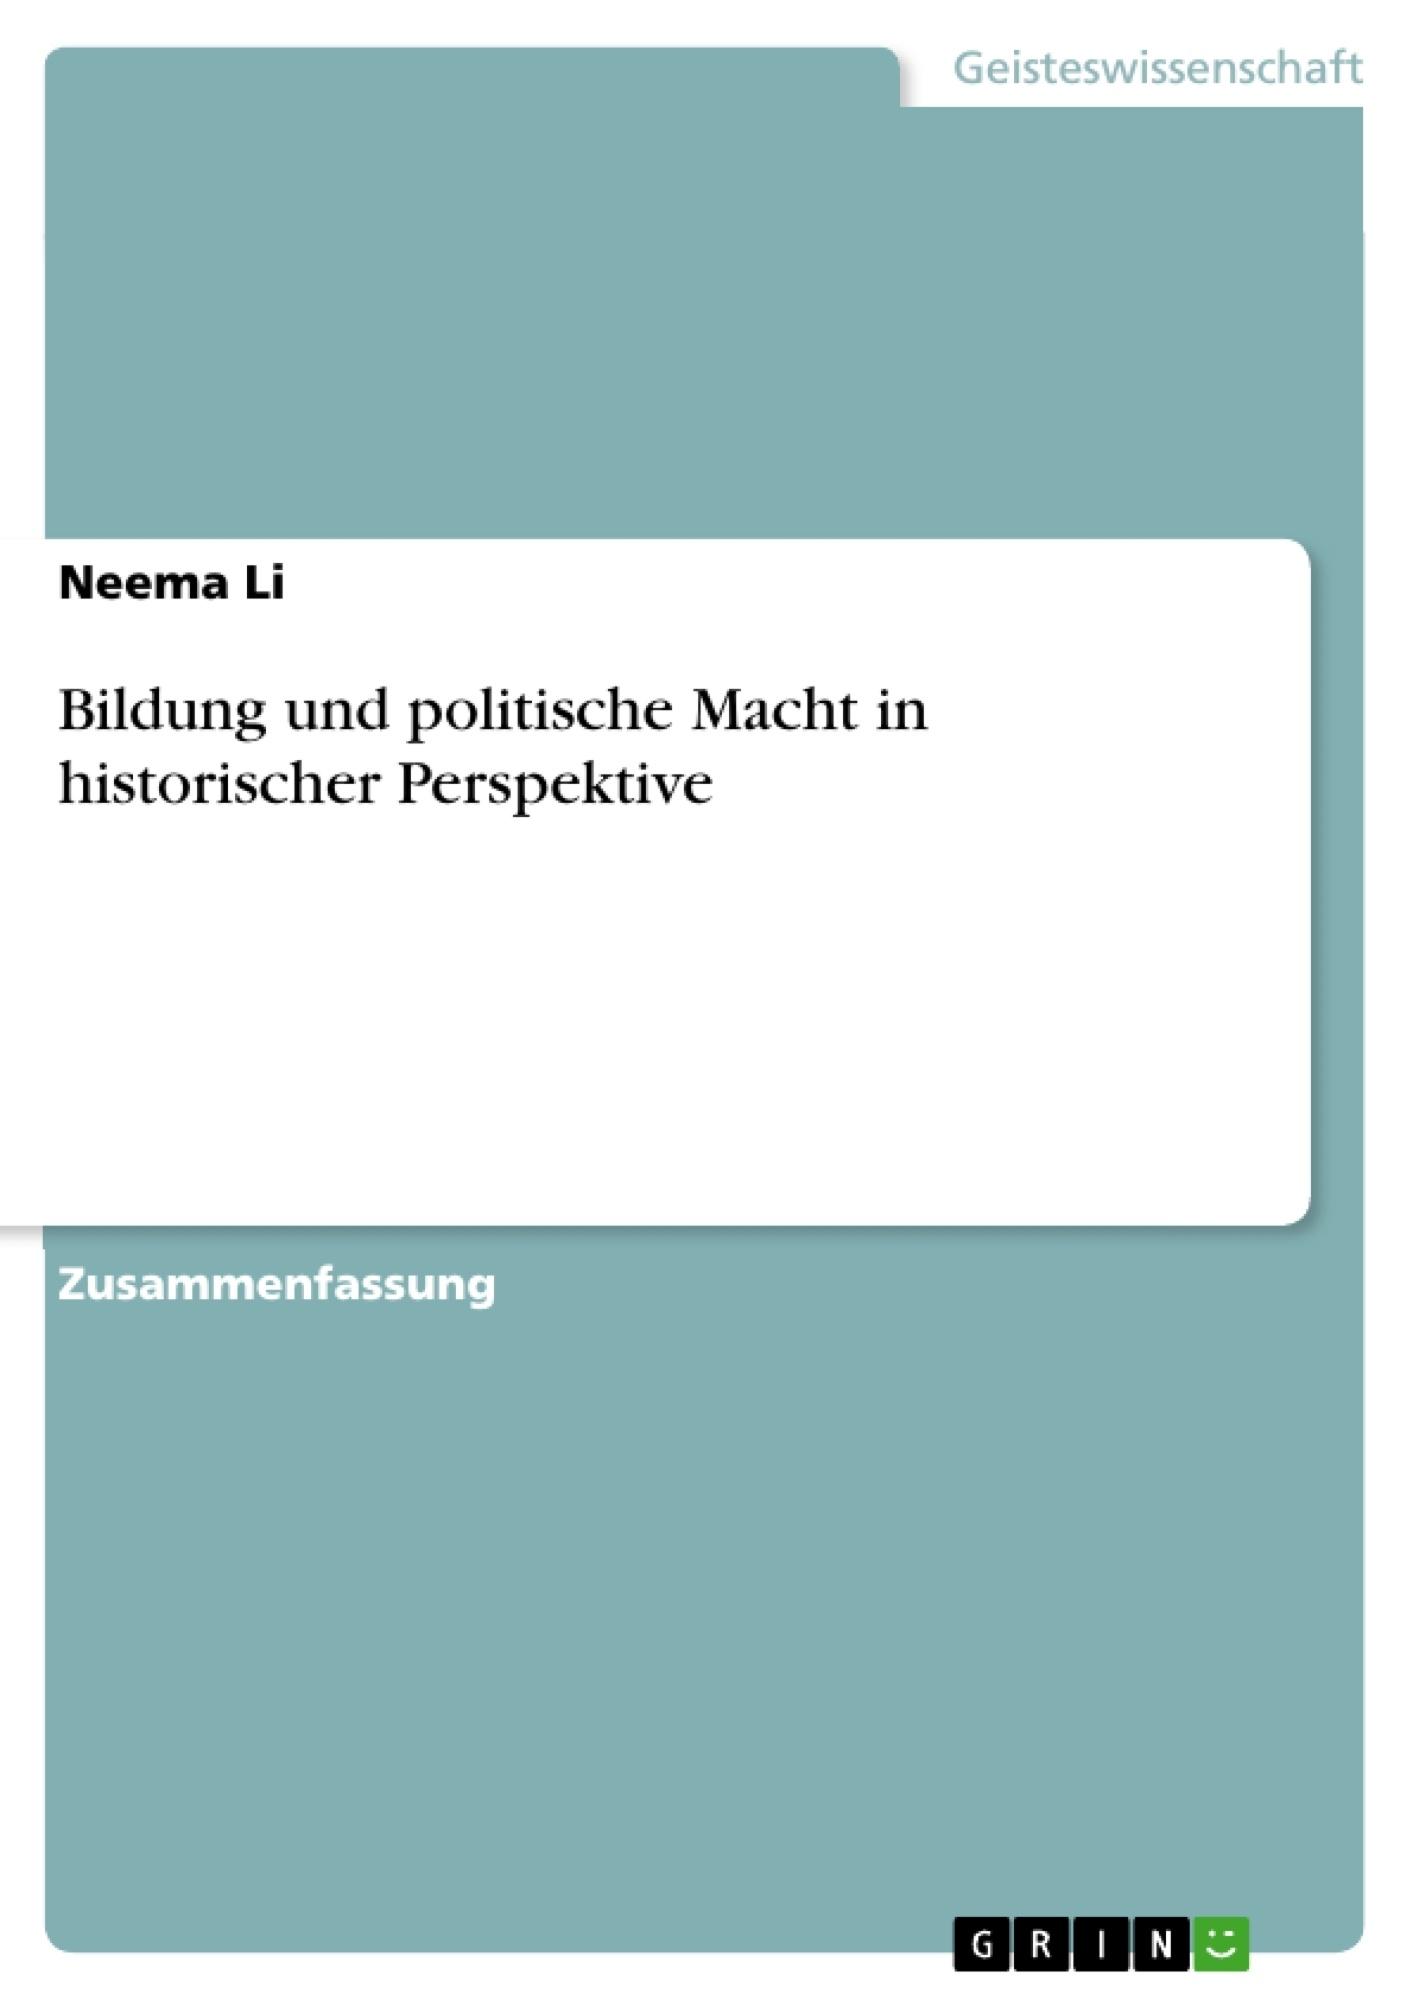 Titel: Bildung und politische Macht in historischer Perspektive